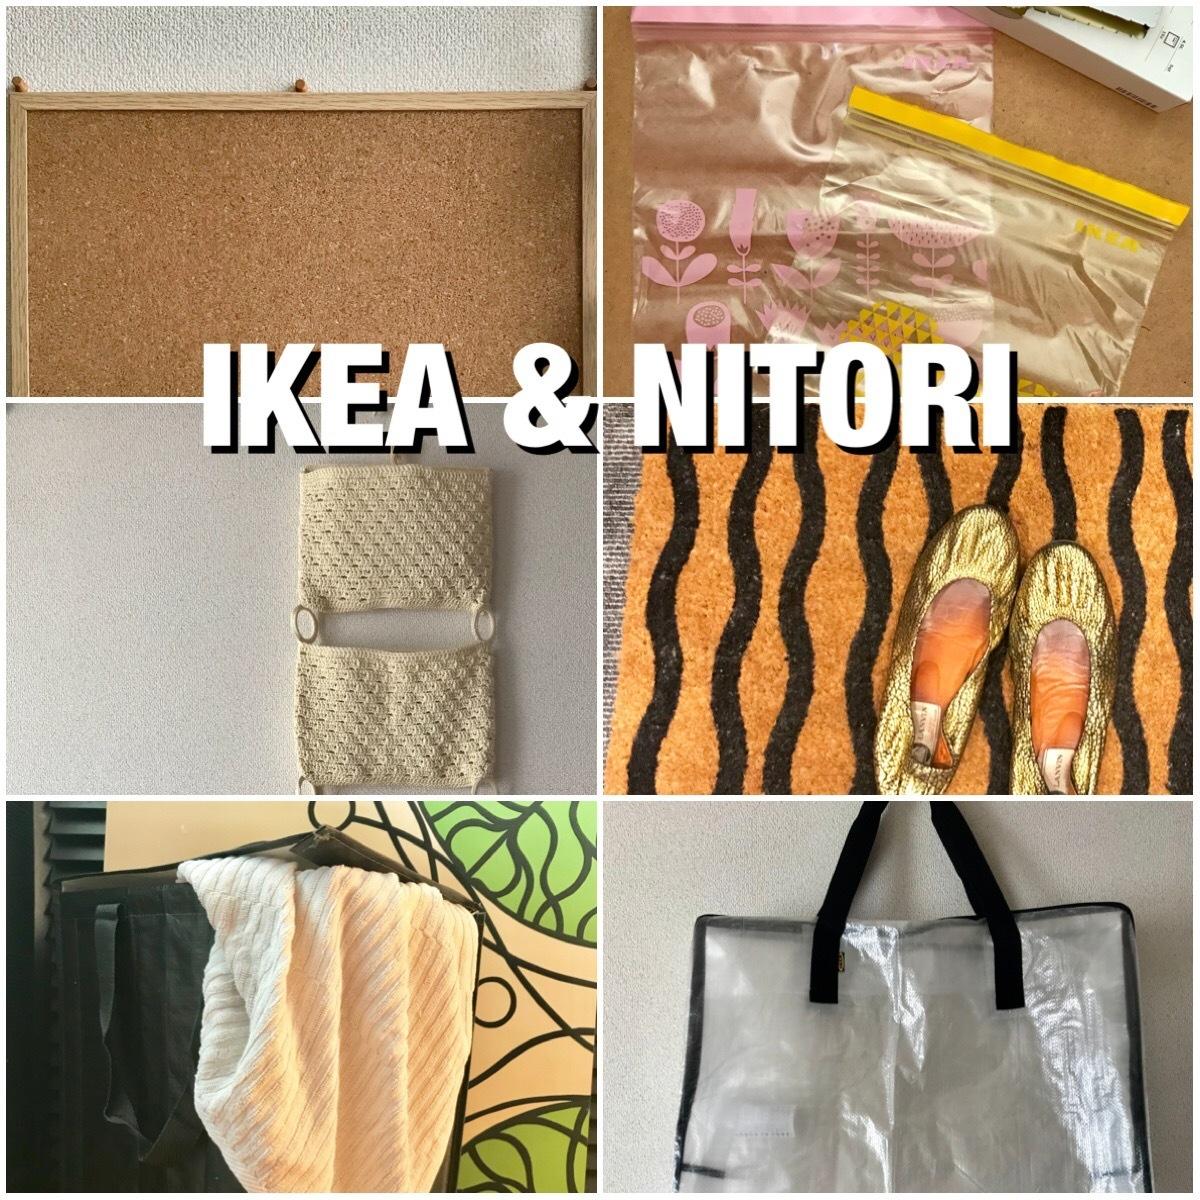 売れ筋【IKEA&ニトリ】意外な活用で、散らかりライフが劇的改善★